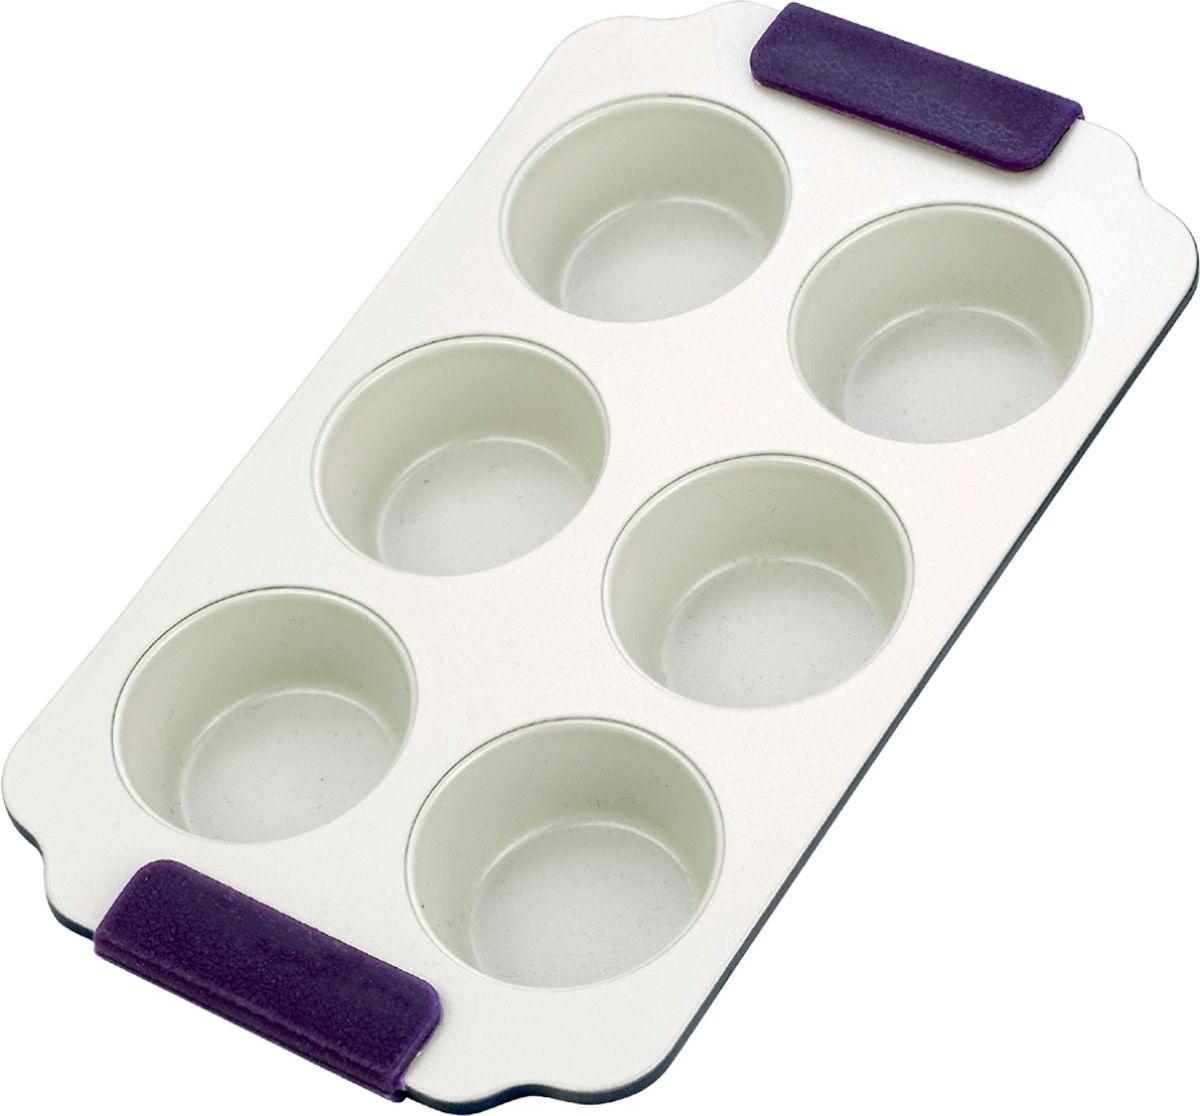 Форма для выпечки кексов Vitesse, цвет: синий, 6 ячеек. VS-1965FS-91909Прямоугольная форма для выпечки кексов Vitesse изготовлена из высококачественной углеродистой стали. Форма содержит 6 круглых ячеек для кексов. Внутреннее керамическое покрытие Eco-Cera светло-серого цвета, позволяющее готовить при температуре 220°С, не оставляет послевкусия, делает возможным приготовление блюд без масла, сохраняет витамины и питательные вещества. Такое покрытие абсолютно безопасно для здоровья человека и окружающей среды, так как не содержит вредной примеси PFOA и имеет низкое содержание CO в выбросах при производстве. Керамическое покрытие обладает высокой прочностью и устойчивостью к царапинам. Кроме того, с таким покрытием пища не пригорает и не прилипает к стенкам. Готовить можно с минимальным количеством подсолнечного масла. Высокотехнологичное внешнее покрытие, подвергшееся температурной обработке, устойчиво к механическим повреждениям. Удобные ручки оснащены съемными силиконовыми вставками. Простая в уходе и долговечная в использовании форма Vitesse будет верной помощницей в создании ваших кулинарных шедевров.Можно мыть в посудомоечной машине и использовать в духовке. Не предназначена для СВЧ-печей. Характеристики:Материал: углеродистая сталь, силикон. Цвет: синий, светло-серый. Количество ячеек: 6 шт. Диаметр ячейки: 7 см. Размер формы (с учетом ручек): 30,5 см х 18 см. Высота стенки: 2,5 см. Толщина стенки: 0,6 см.